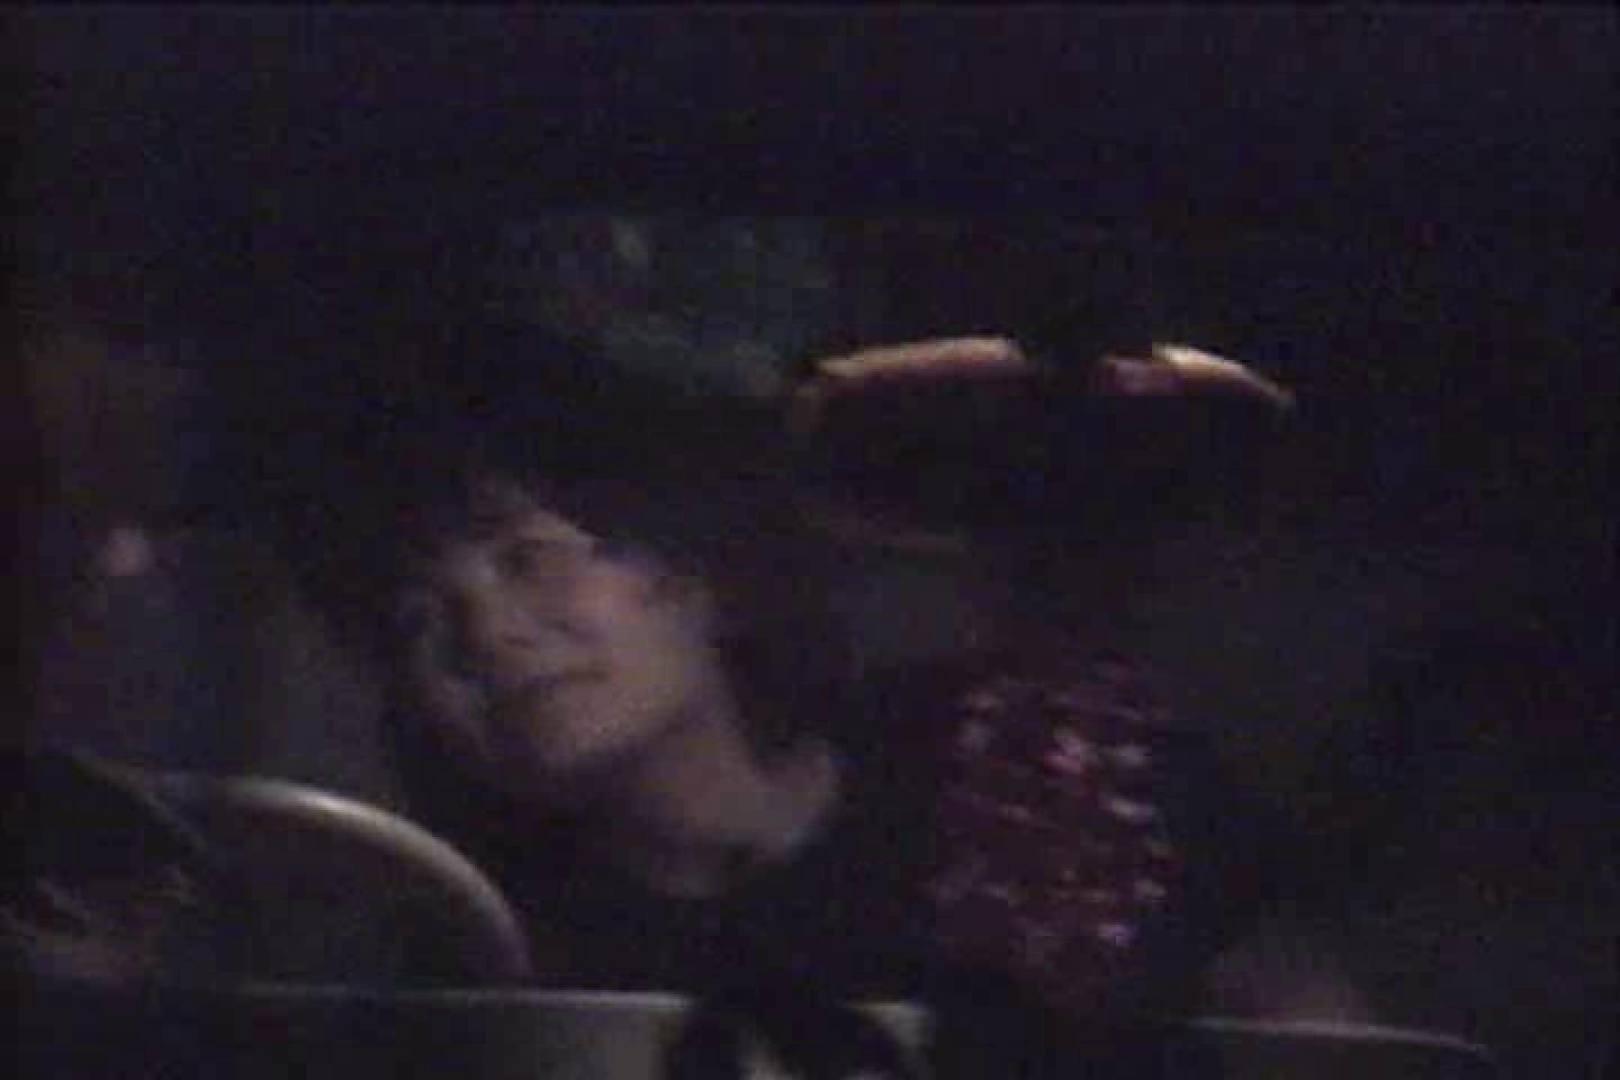 車の中はラブホテル 無修正版  Vol.17 ラブホテル SEX無修正画像 97画像 83